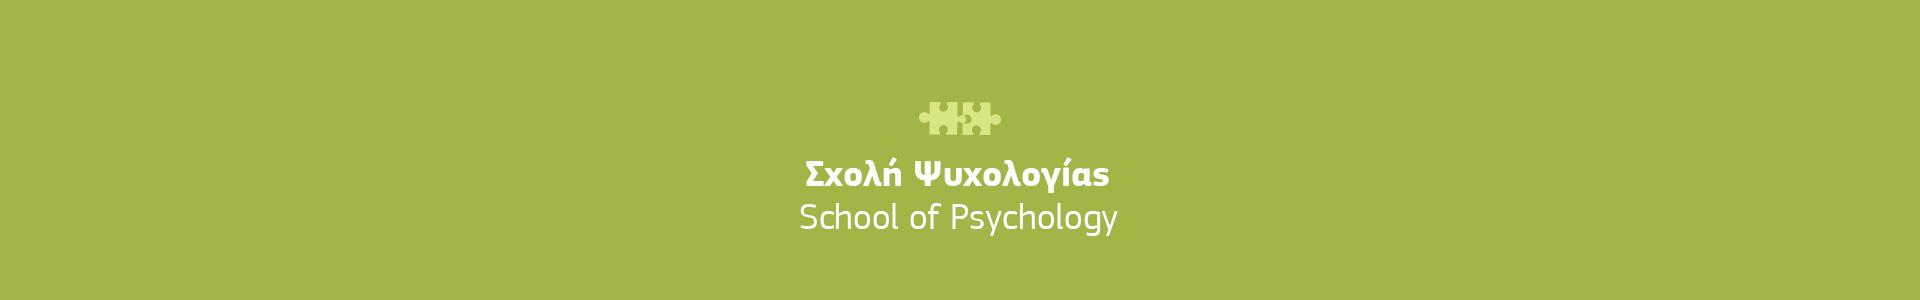 1920x300_psychology